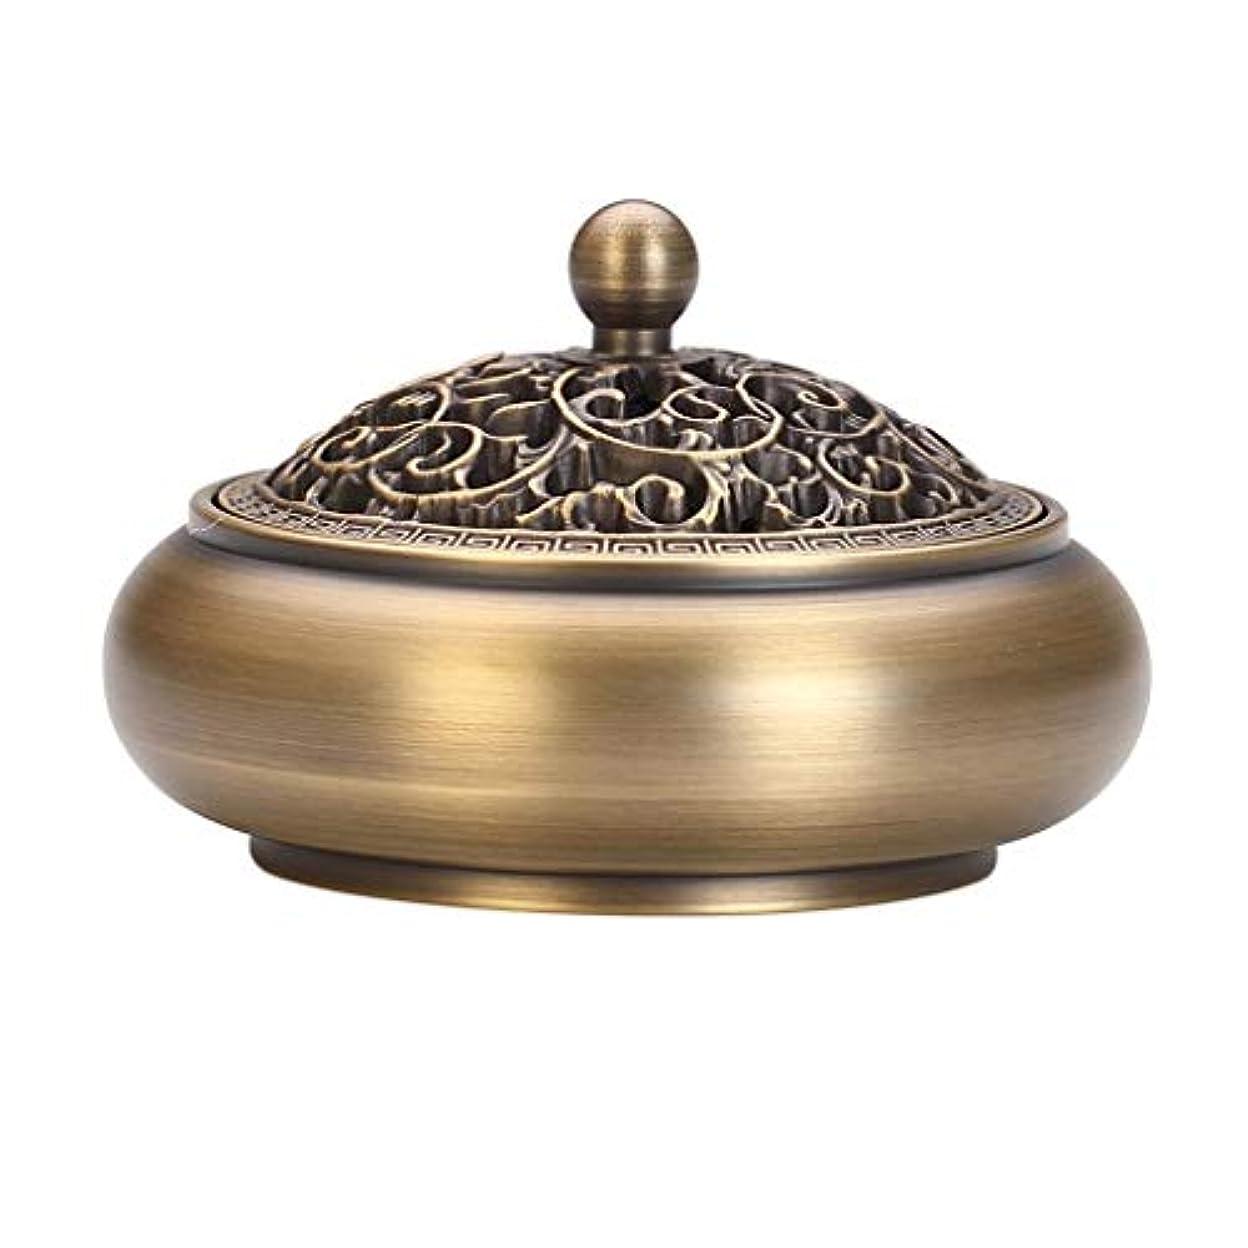 芳香器?アロマバーナー 純粋な銅香炉アンティーク家庭用浄化空気ディスク香バーナー寒天木材白檀炉 アロマバーナー (Color : Brass)